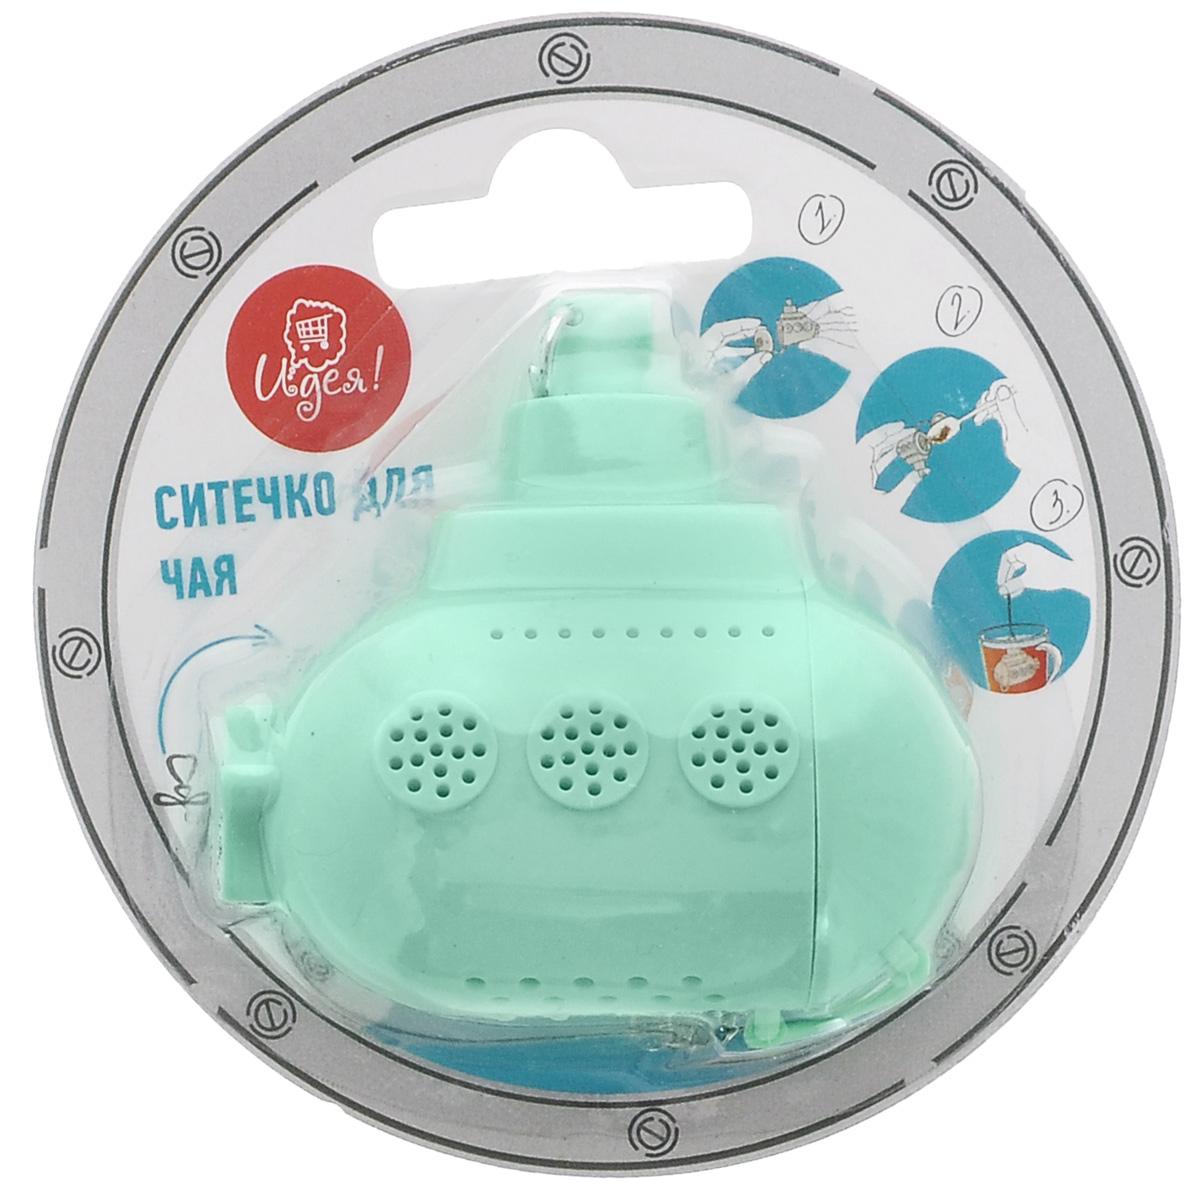 Ситечко для чая Идея Субмарина, цвет: мятныйSBM-01_мятныйСитечко Идея Субмарина прекрасно подходит для заваривания любого вида чая. Изделие выполнено из пищевого силикона в виде подводной лодки. Ситечком очень легко пользоваться. Просто насыпьте заварку внутрь и погрузите субмарину на дно кружки. Изделие снабжено металлической цепочкой с крючком на конце. Забавная и приятная вещица для вашего домашнего чаепития. Не рекомендуется мыть в посудомоечной машине. Размер фигурки: 6 см х 5,5 см х 3 см.